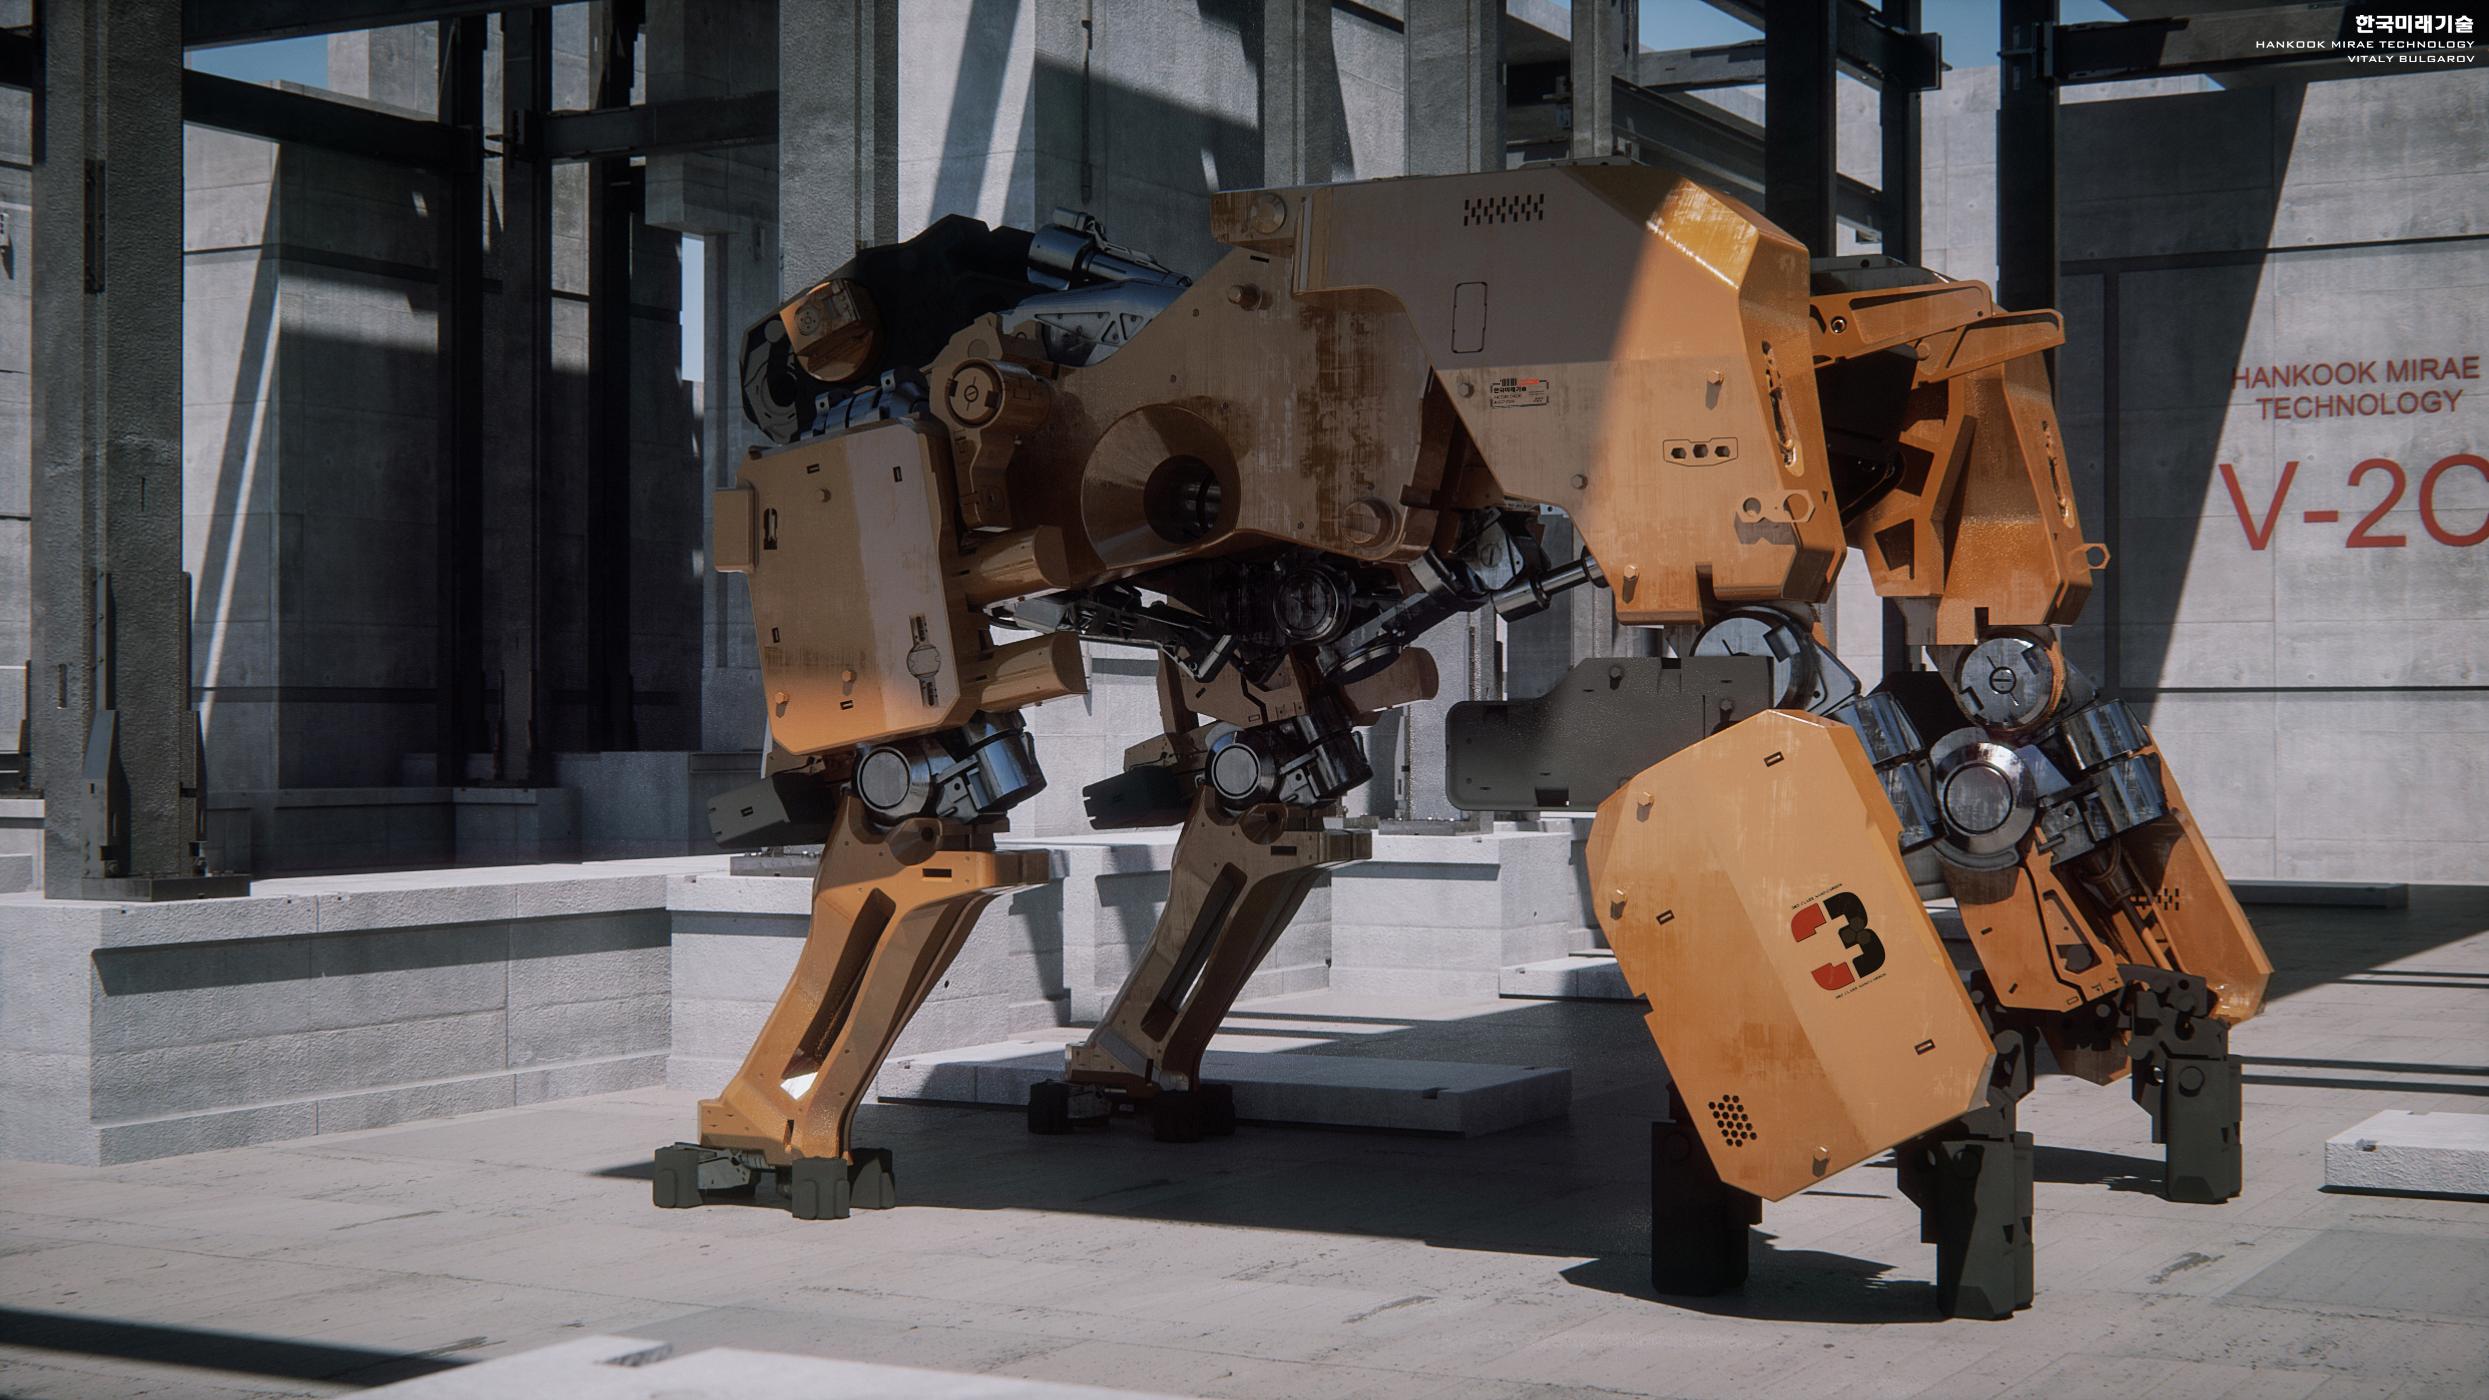 KFT_4LeggedRobot_V4_02.jpg